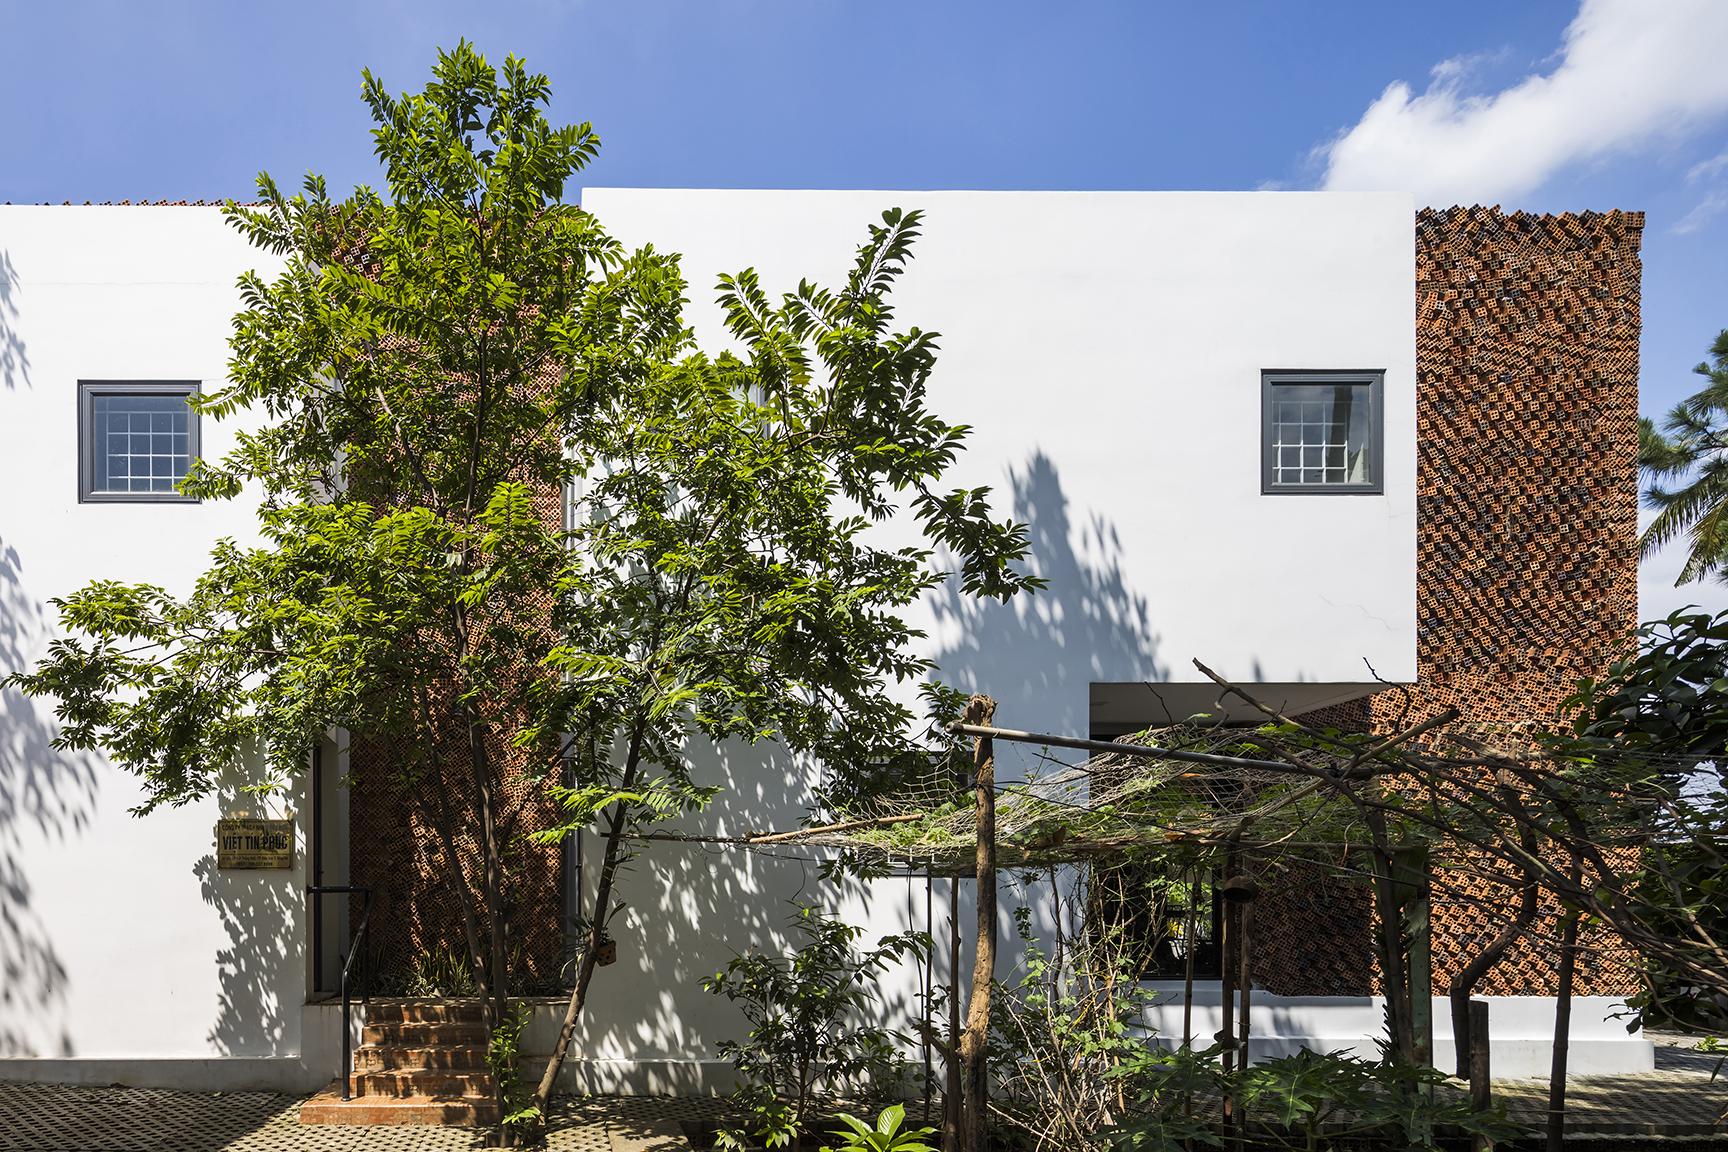 Cây xanh sân vườn và bức tường gạch là hai lớp áo giúp làm mát ngôi nhà